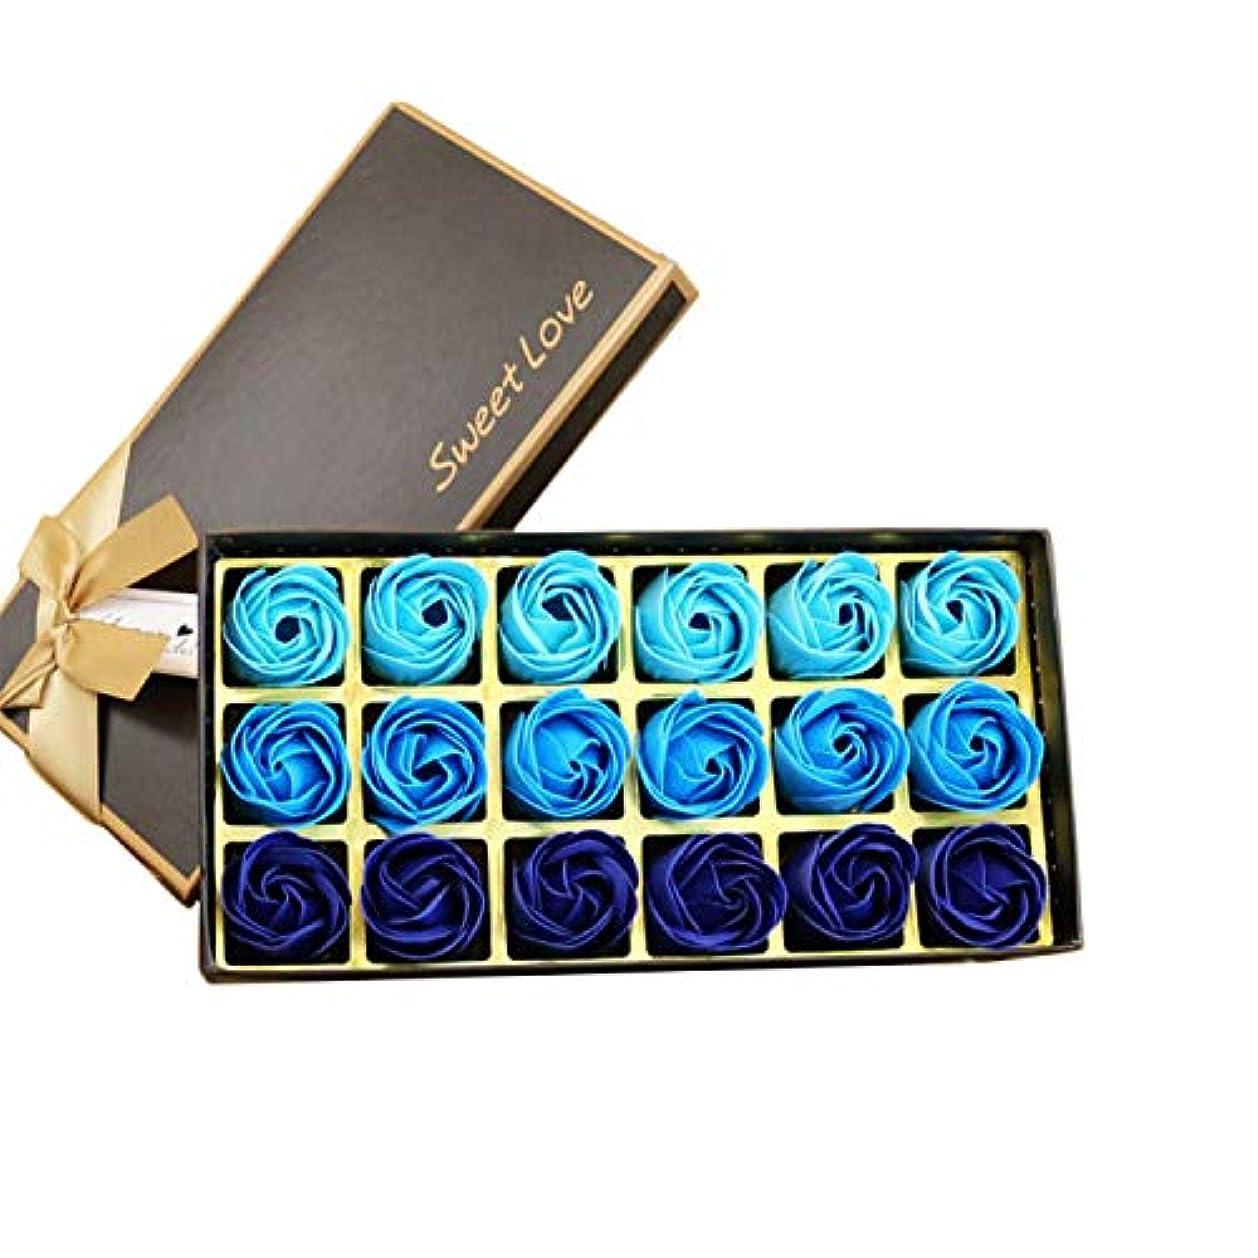 困惑するささいな衣類サントレード 18枚入り 花の香 せっけん バスソープ せっけん ローズフラワー形 ロマンティック 記念日 誕生日 結婚式 バレンタインデー プレゼント (ブルー)